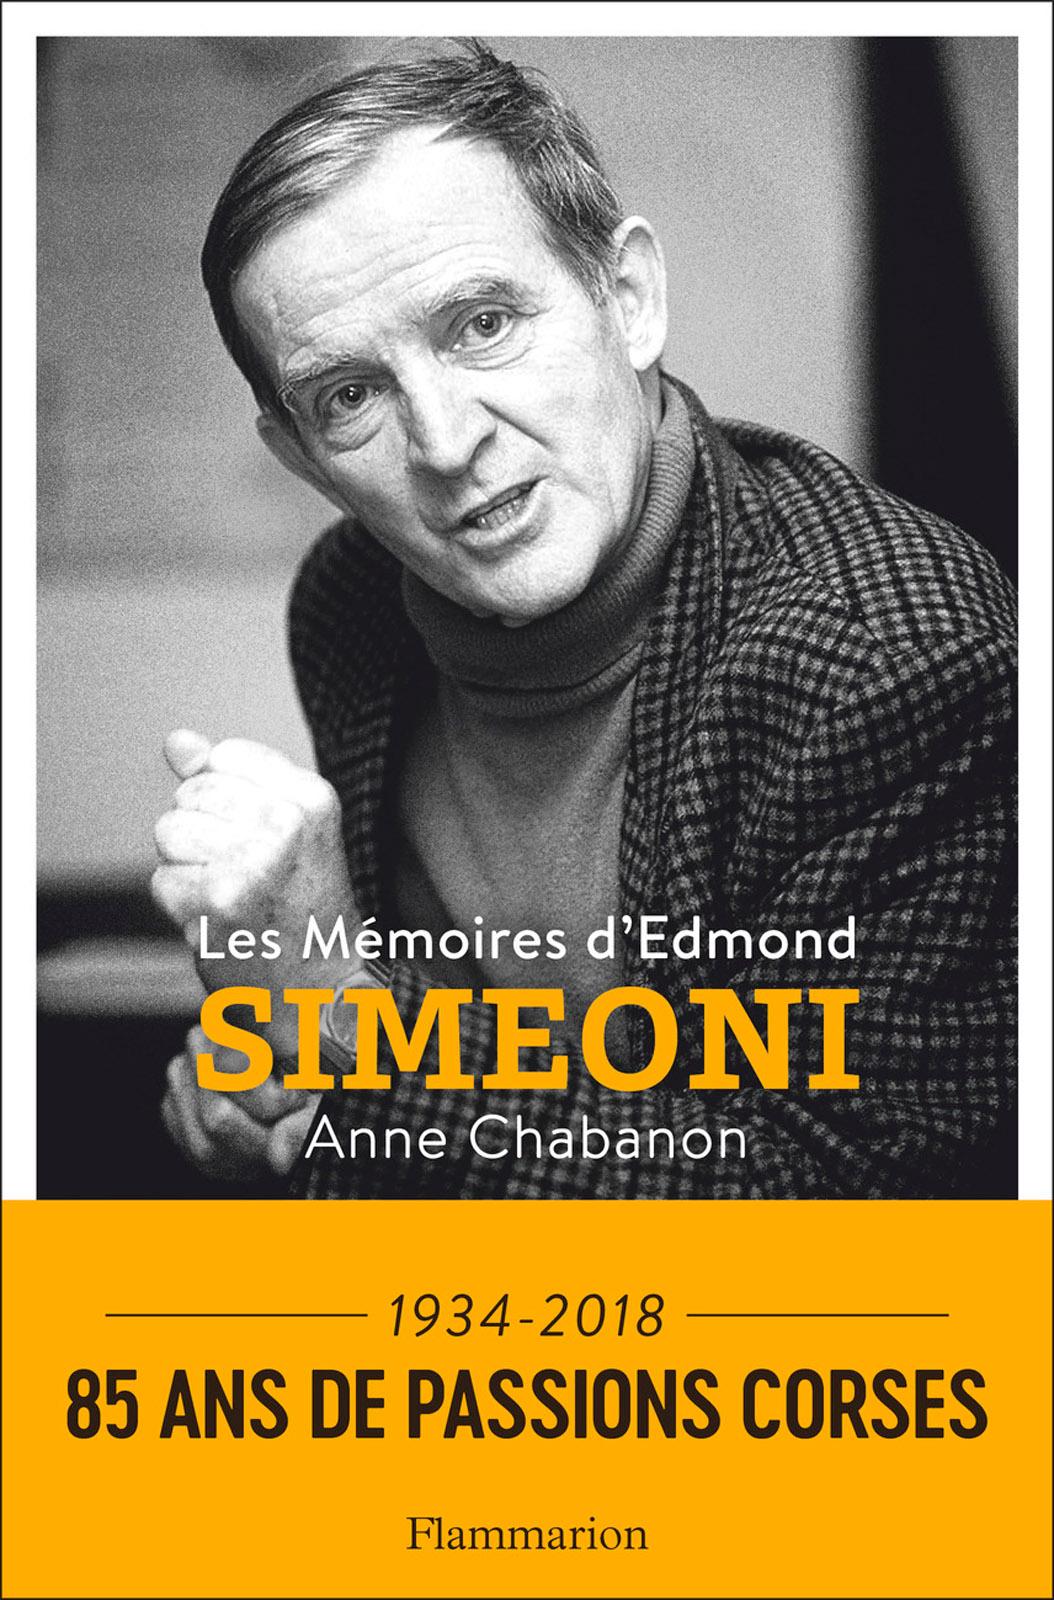 Les Mémoires d'Edmond Simeoni